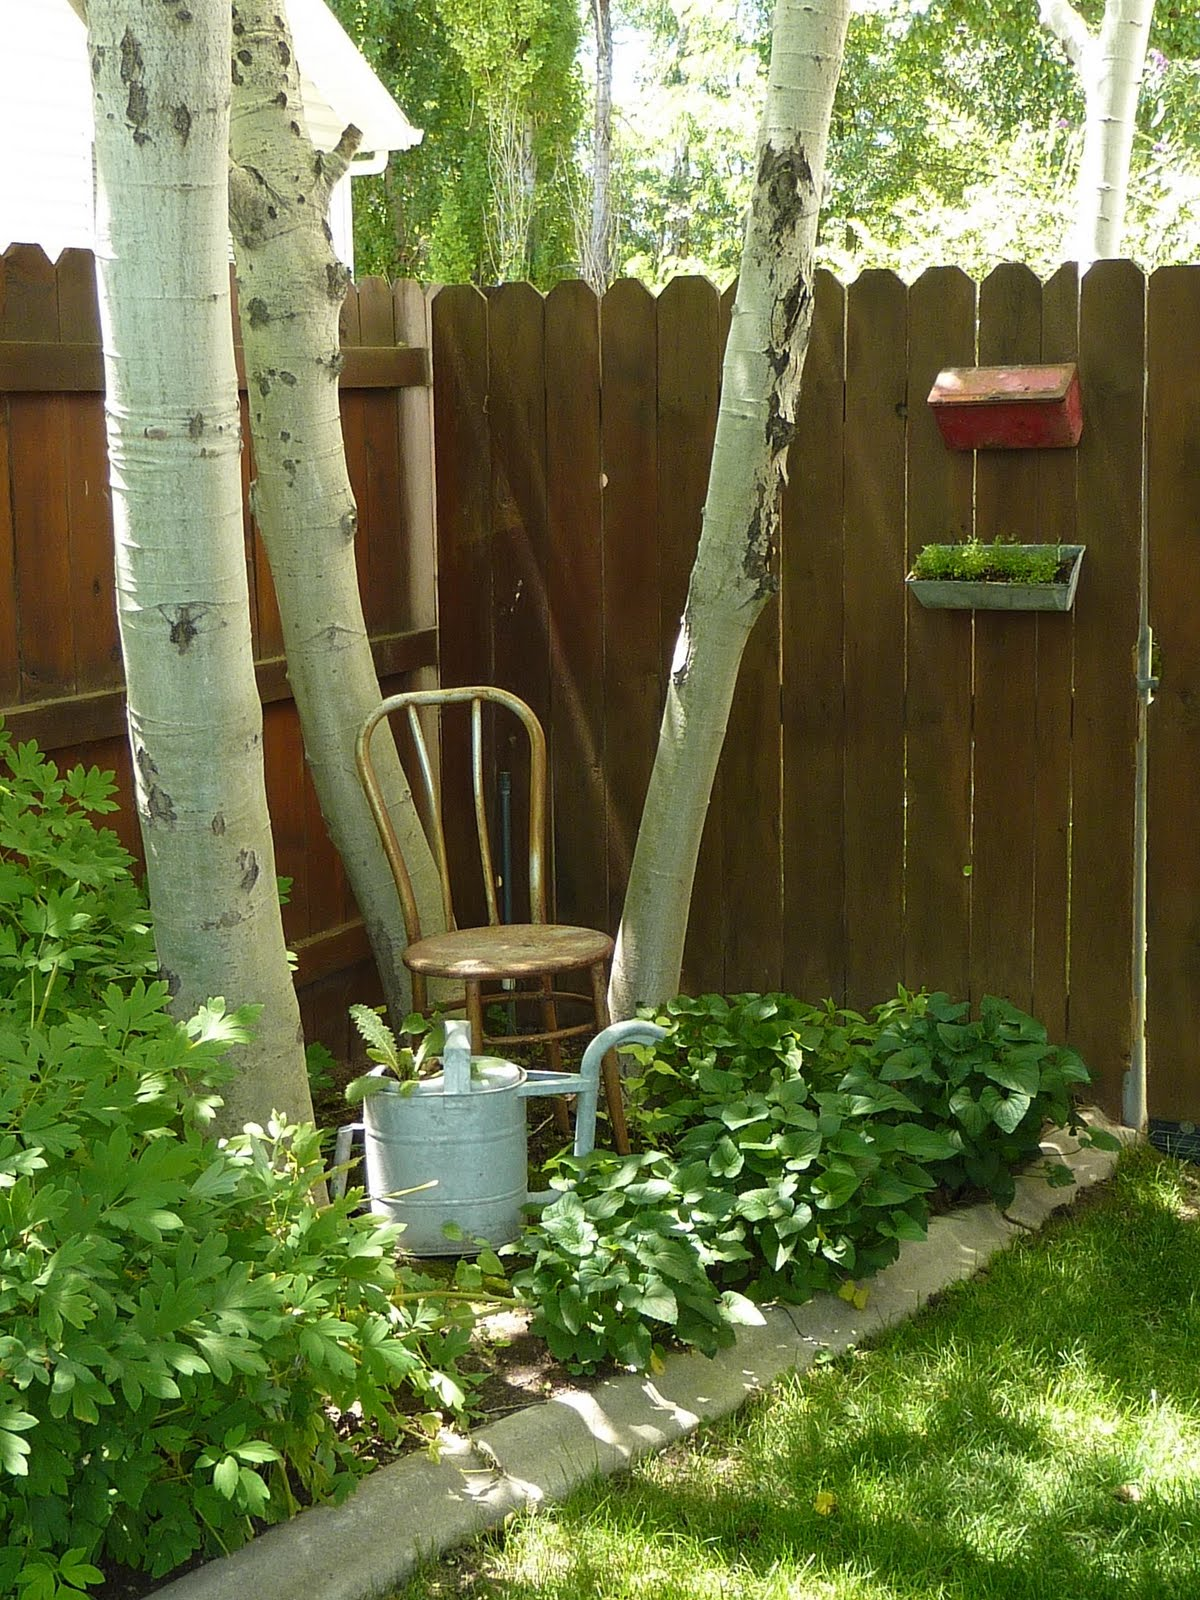 acannthus: Come with me through the garden gate...